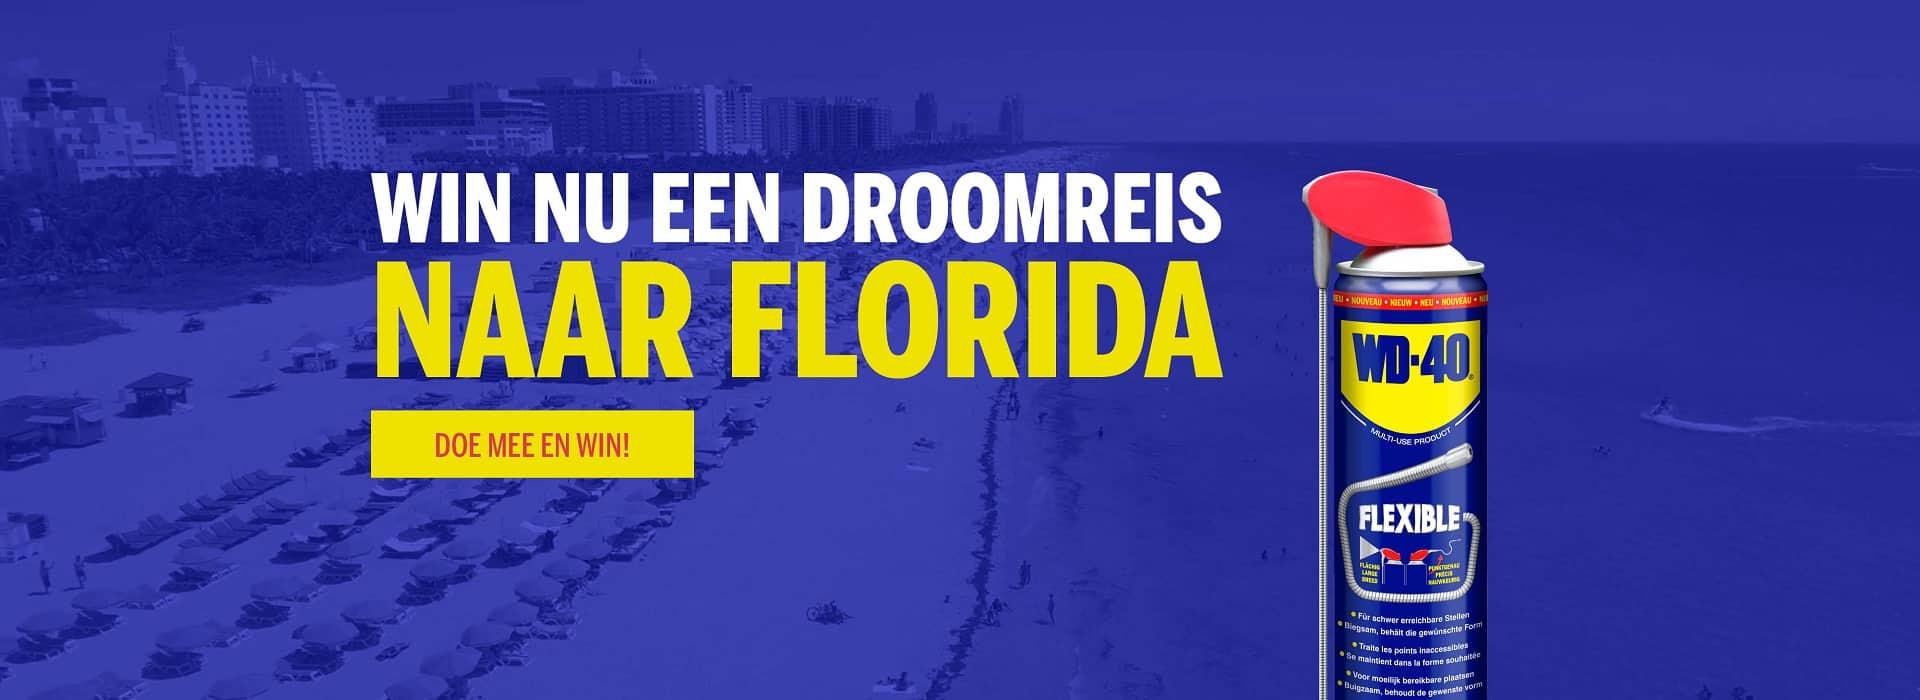 Doe nu mee aan de WD-40 Road Trip Competitie en maak kans op een reis naar Florida!